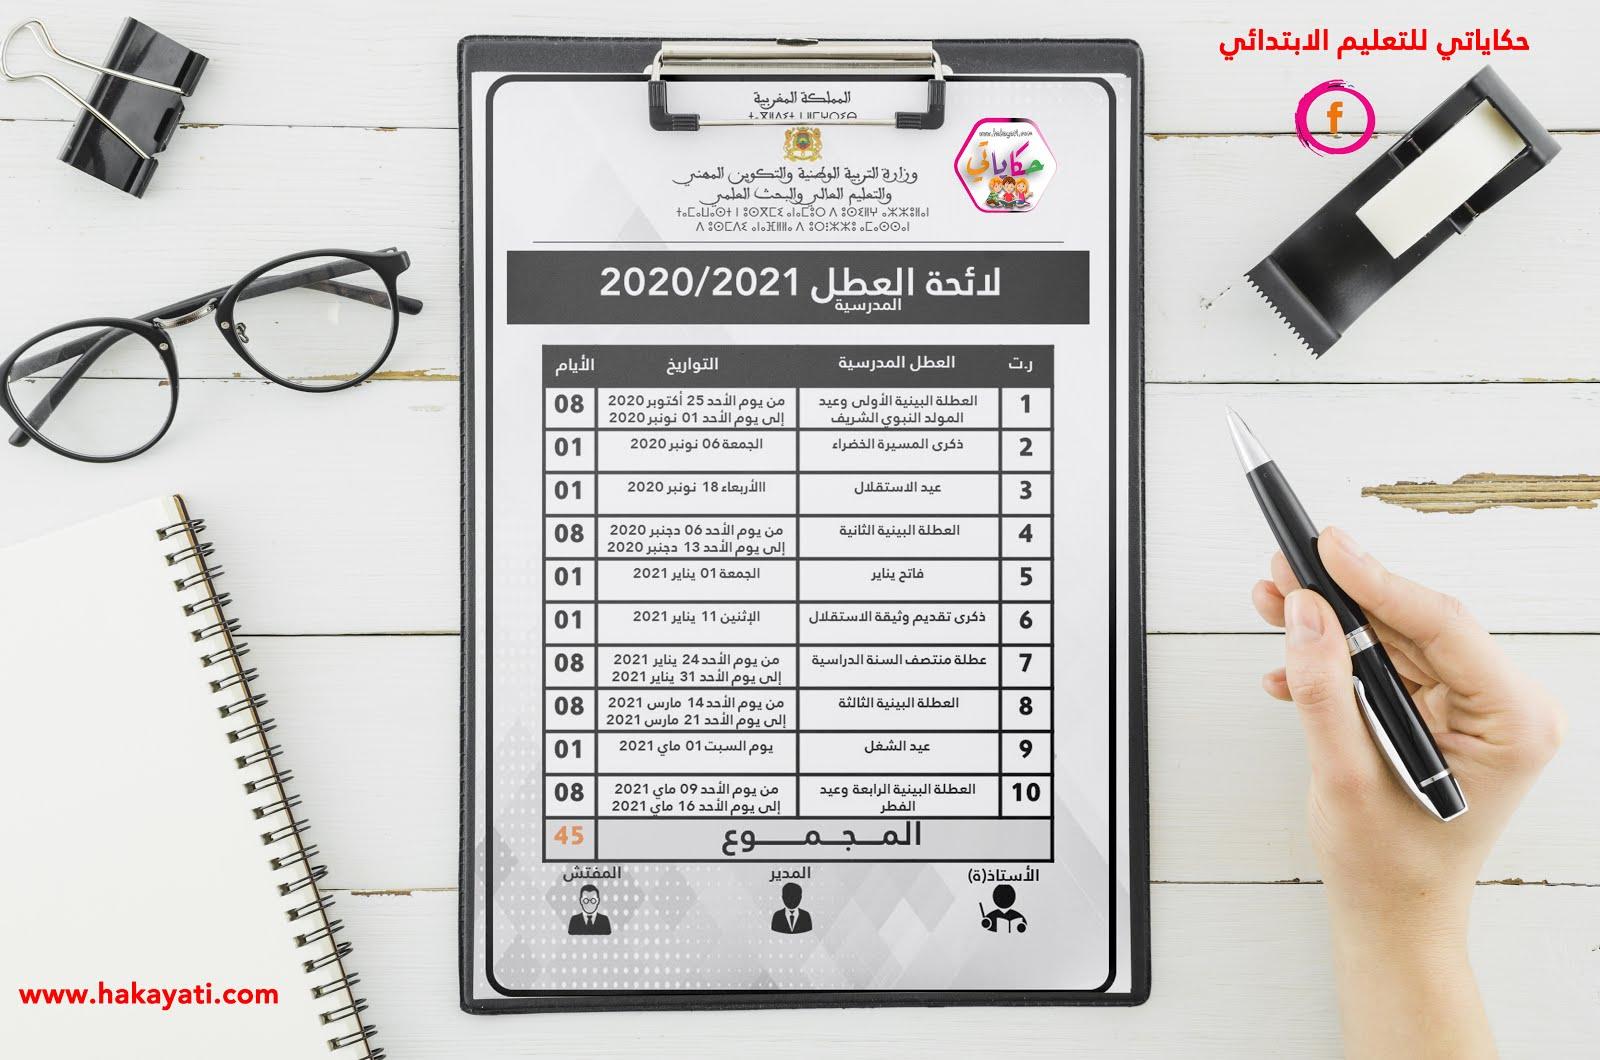 لائحة العطل المدرسية 2020/2021 بحلة مهنية رائعة